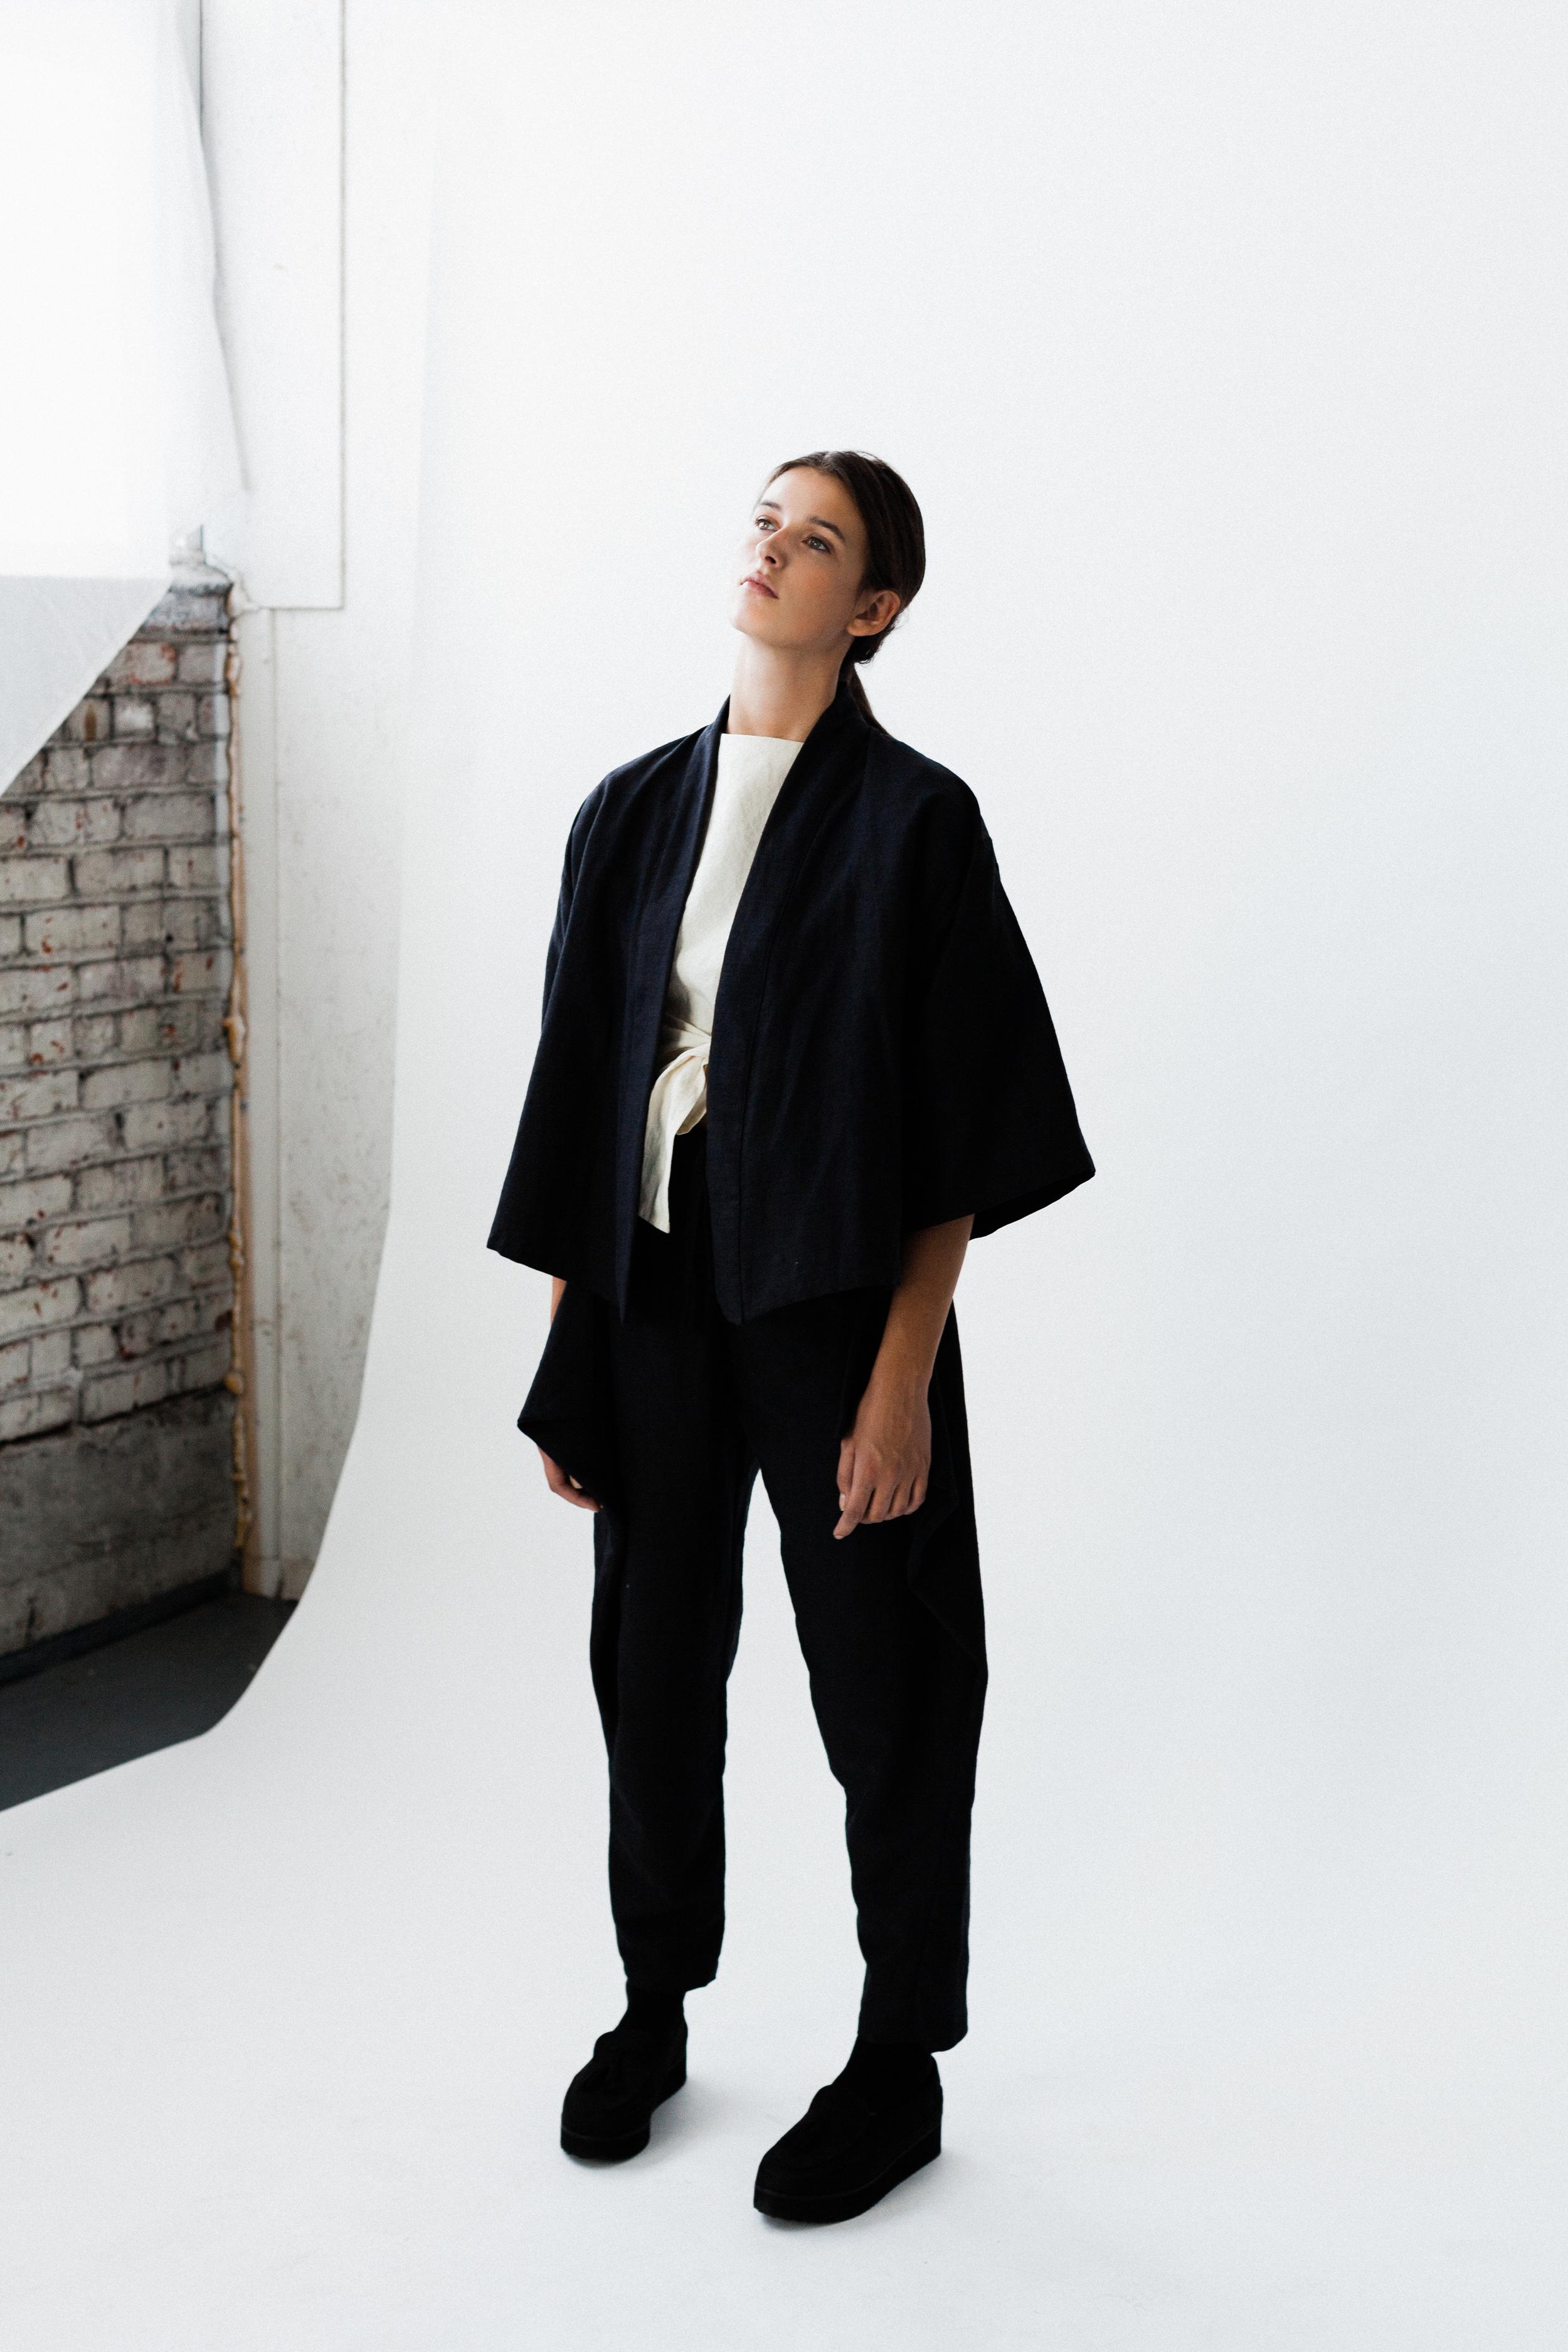 Lauren Winter Fall/Winter 2014   Photography Jon Duenas   Model Mali Ferry of Option Models   Stylist Lauren Winter